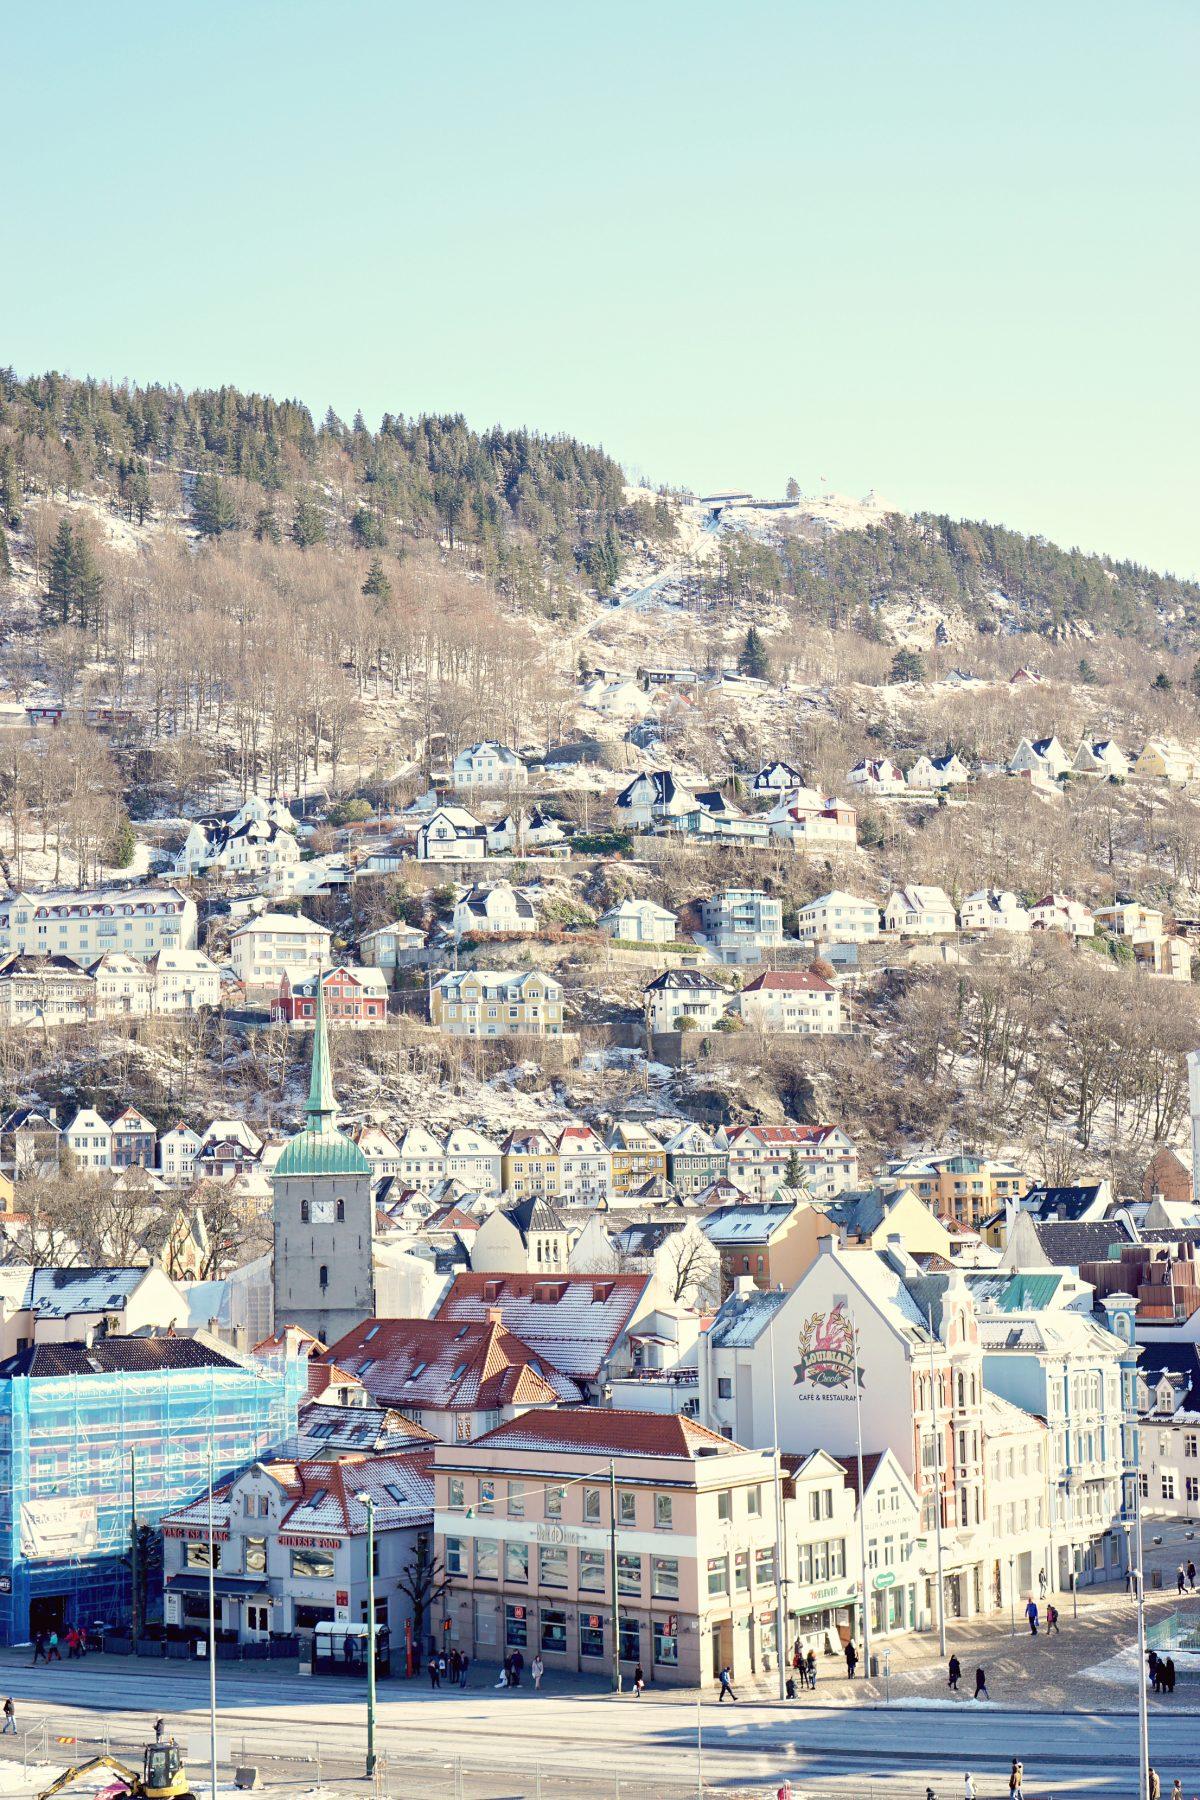 Hvorfor har bergen i norge ekstremt meget nedbør